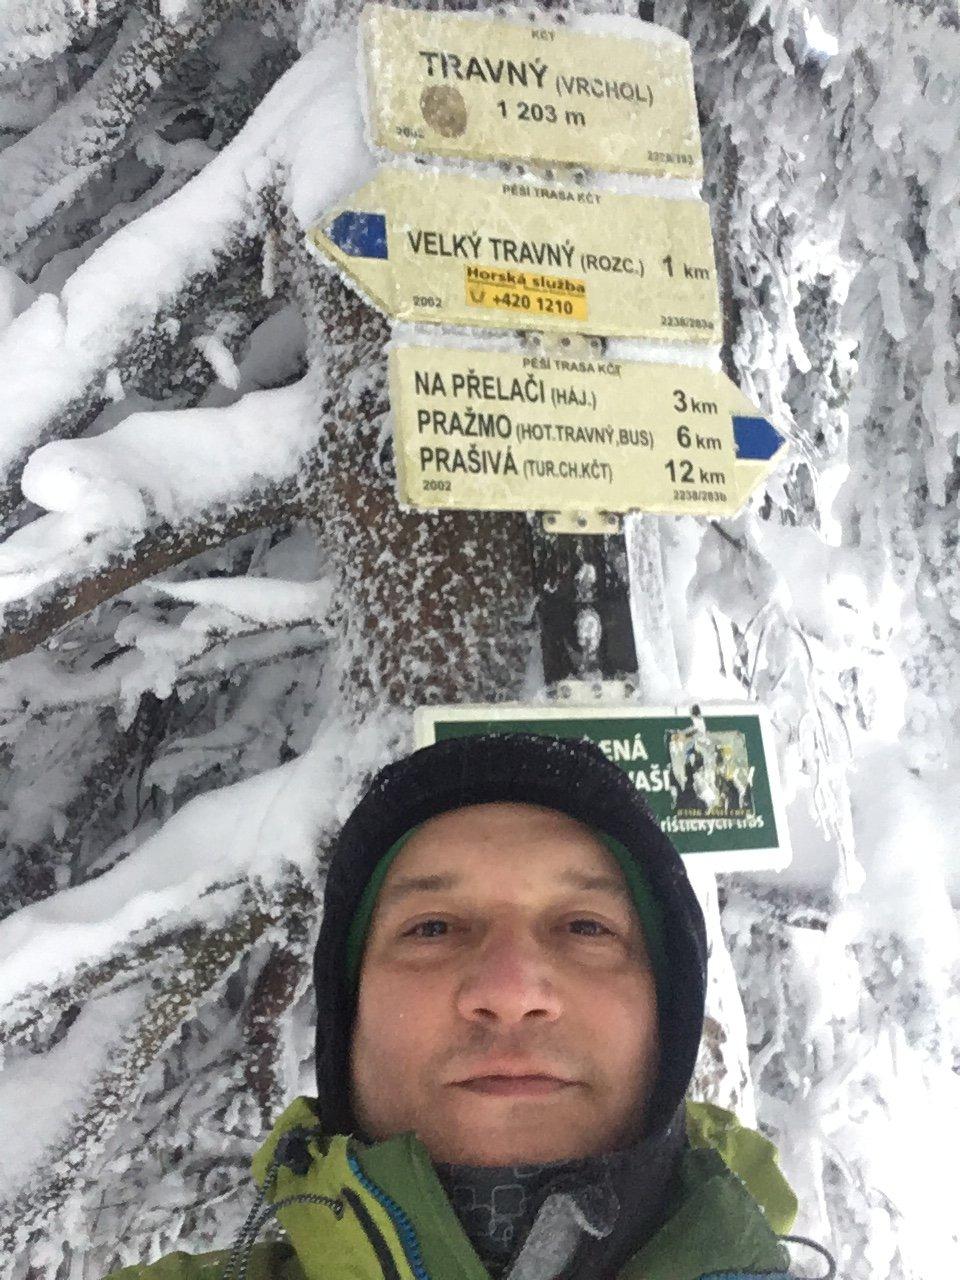 Pery na vrcholu Travný (26.1.2019 15:06)